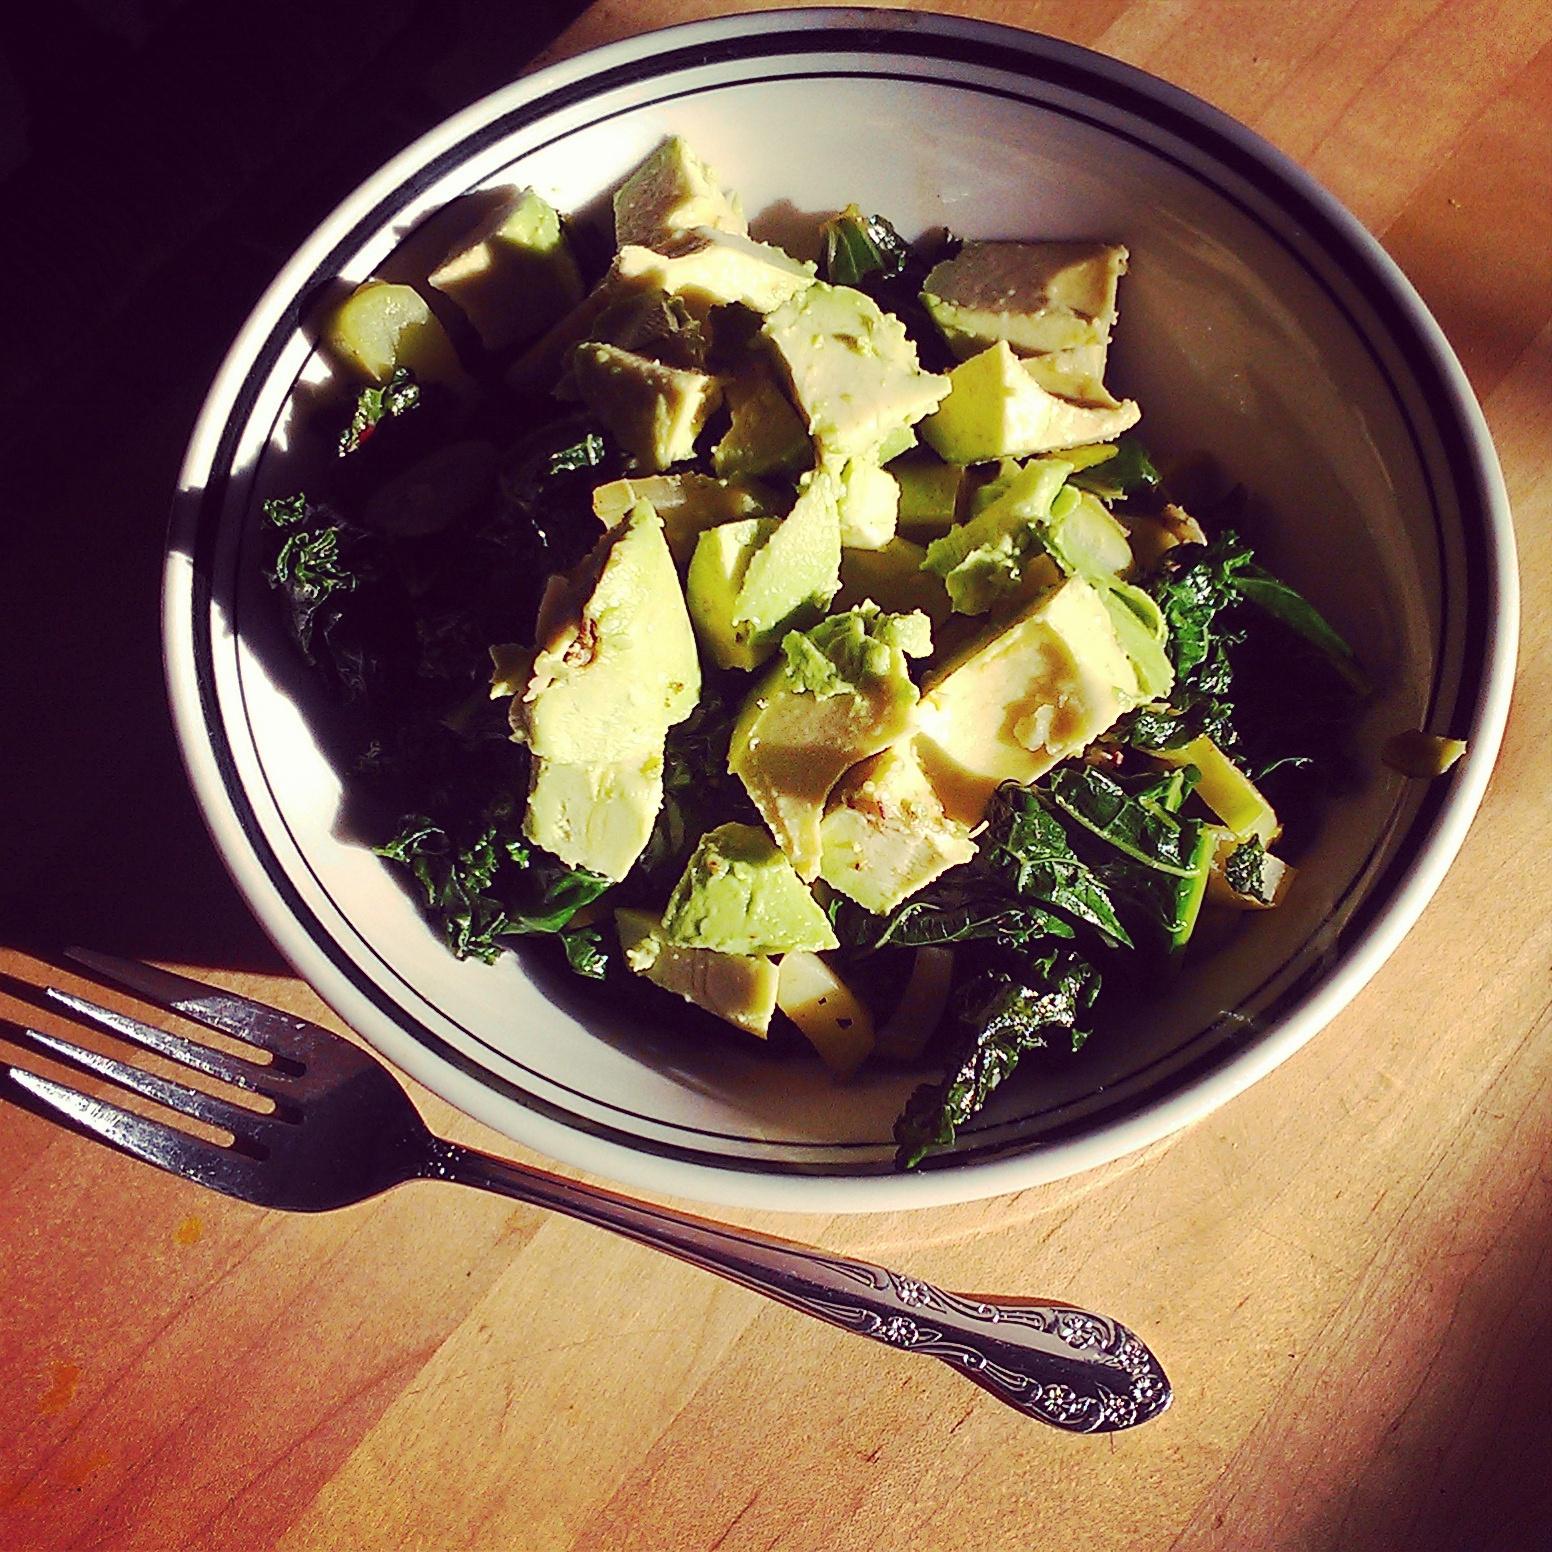 Brocoli, kale and avocado